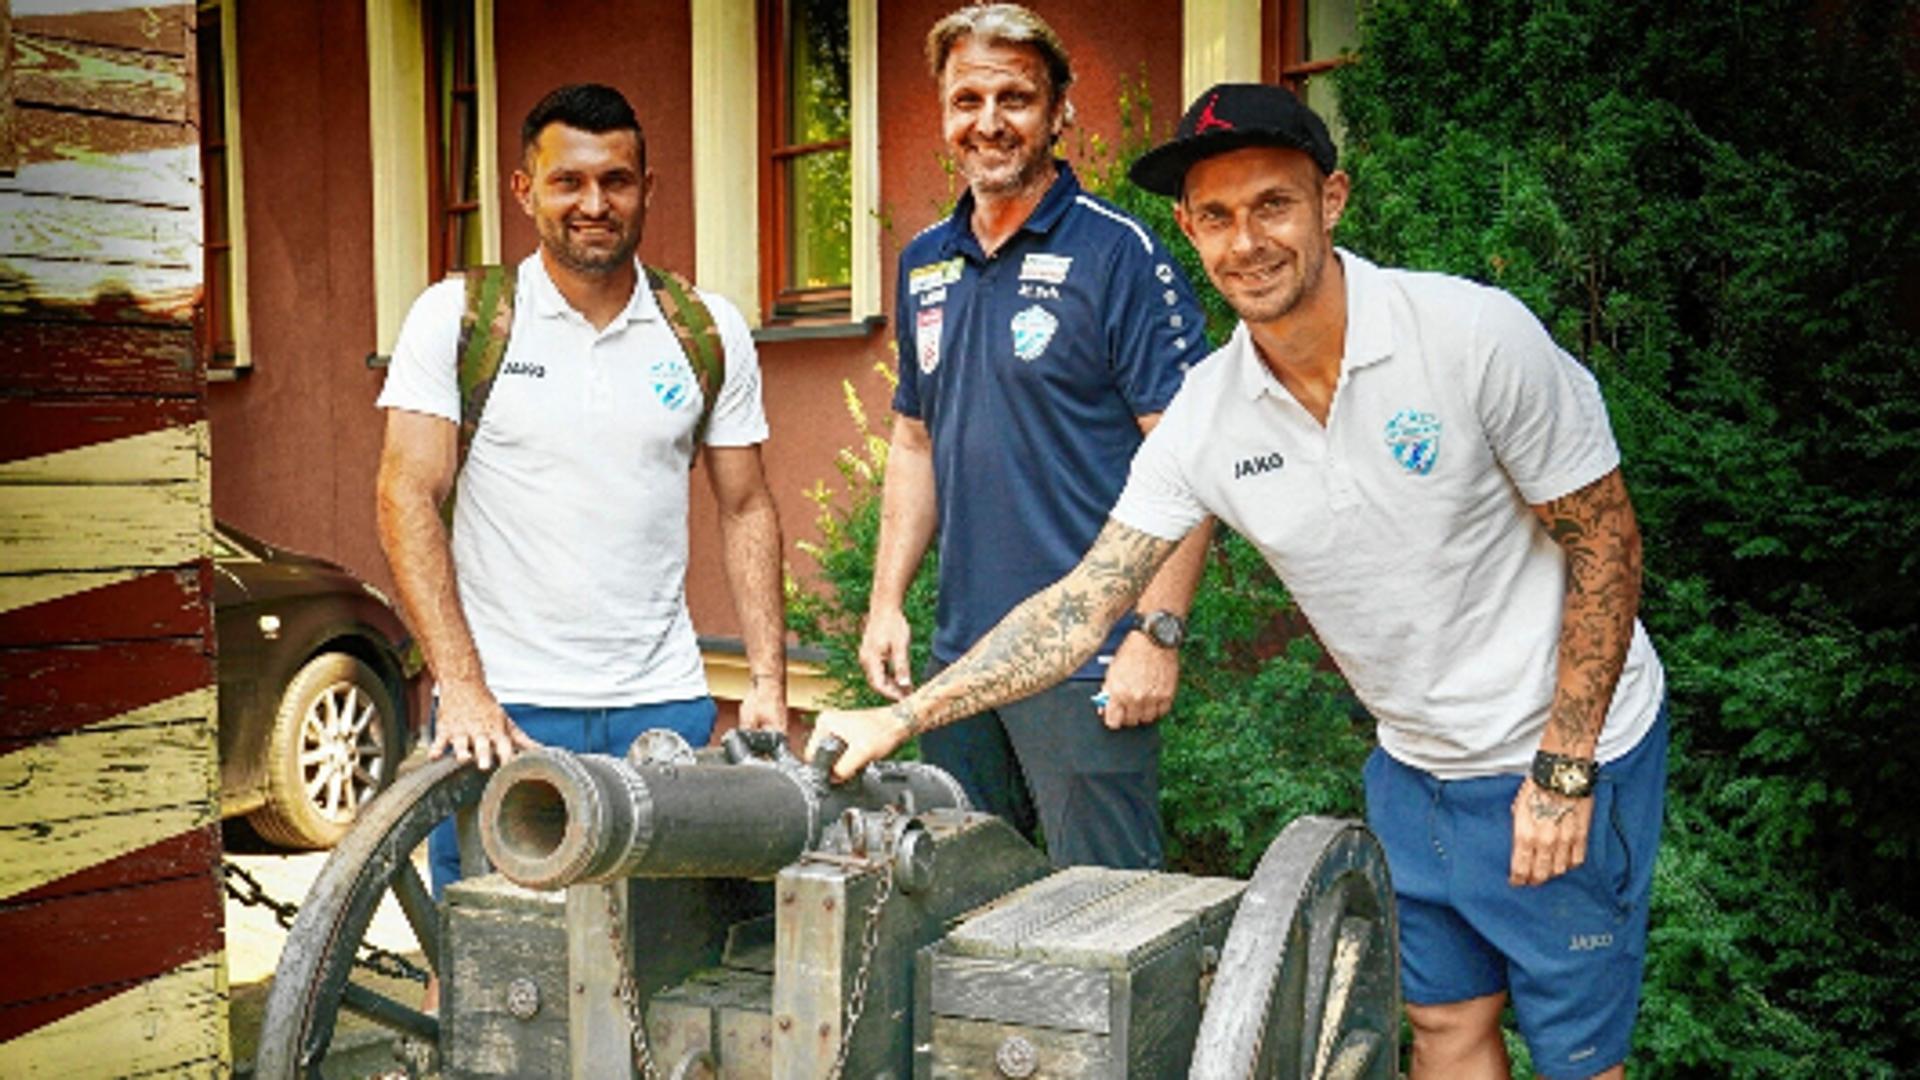 Hartberg-Trainer Schopp und die Spieler